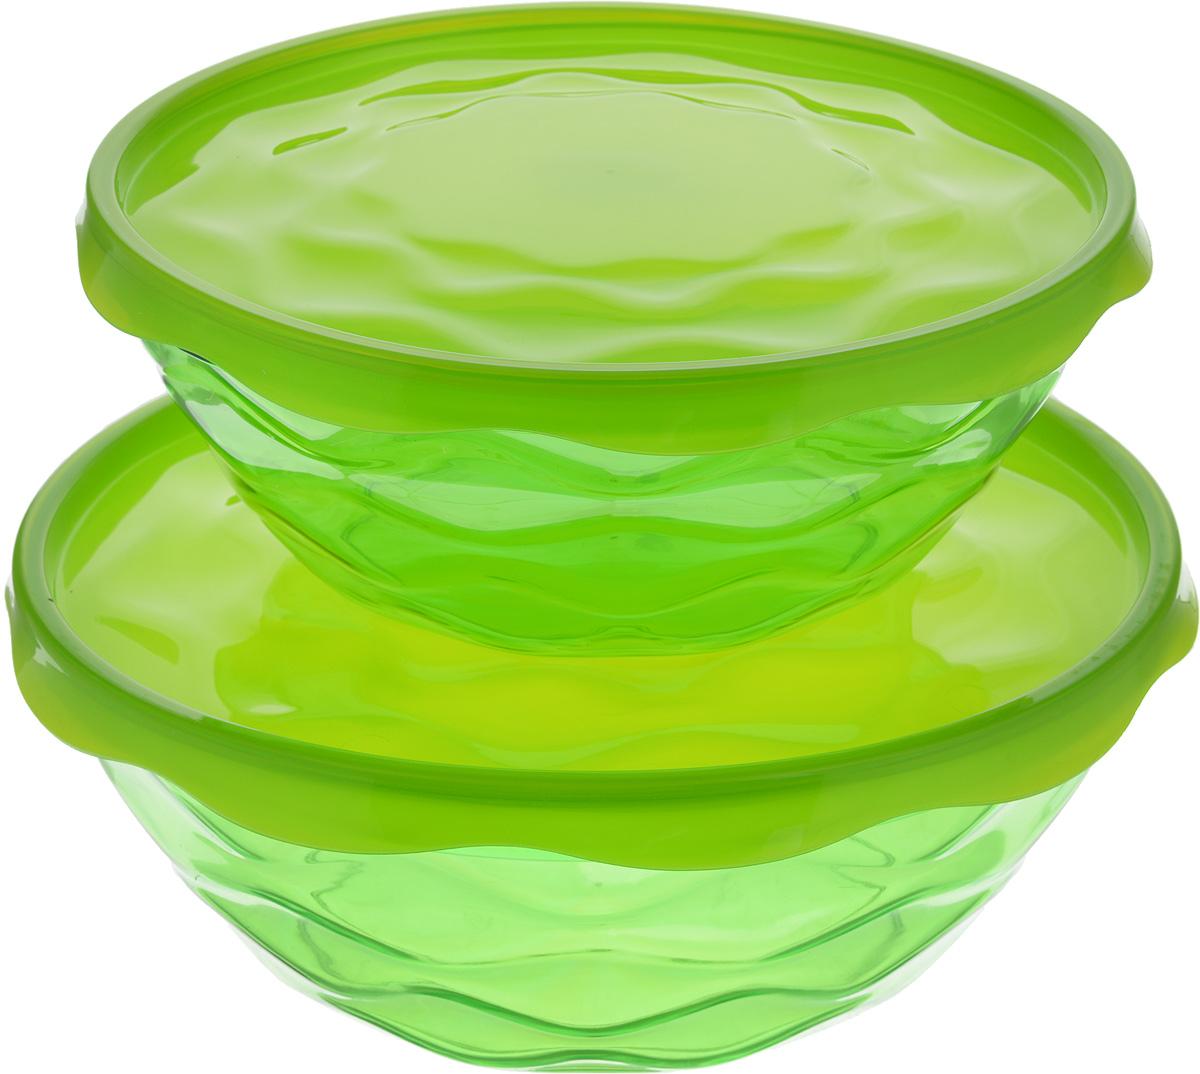 Набор салатников Giaretti Riva, с крышками, цвет: зеленый, 2 штGR1837_зеленыйНабор Giaretti Riva, состоящий из двух салатников разного объема с плотно закрывающимися крышками, сочетает в себе изысканный дизайн с максимальной функциональностью. Салатники выполнены из высококачественного пластика. Такой набор прекрасно подходит как для хранения продуктов в холодильнике, так и для сервировки стола.Можно мыть в посудомоечной машине.Объем салатников: 2,5 л; 4 л.Диаметр салатников (по верхнему краю): 23 см; 27 см.Высота стенок салатников: 8,5 см; 10 см.Диаметр крышек: 24,3 см; 28,3 см.